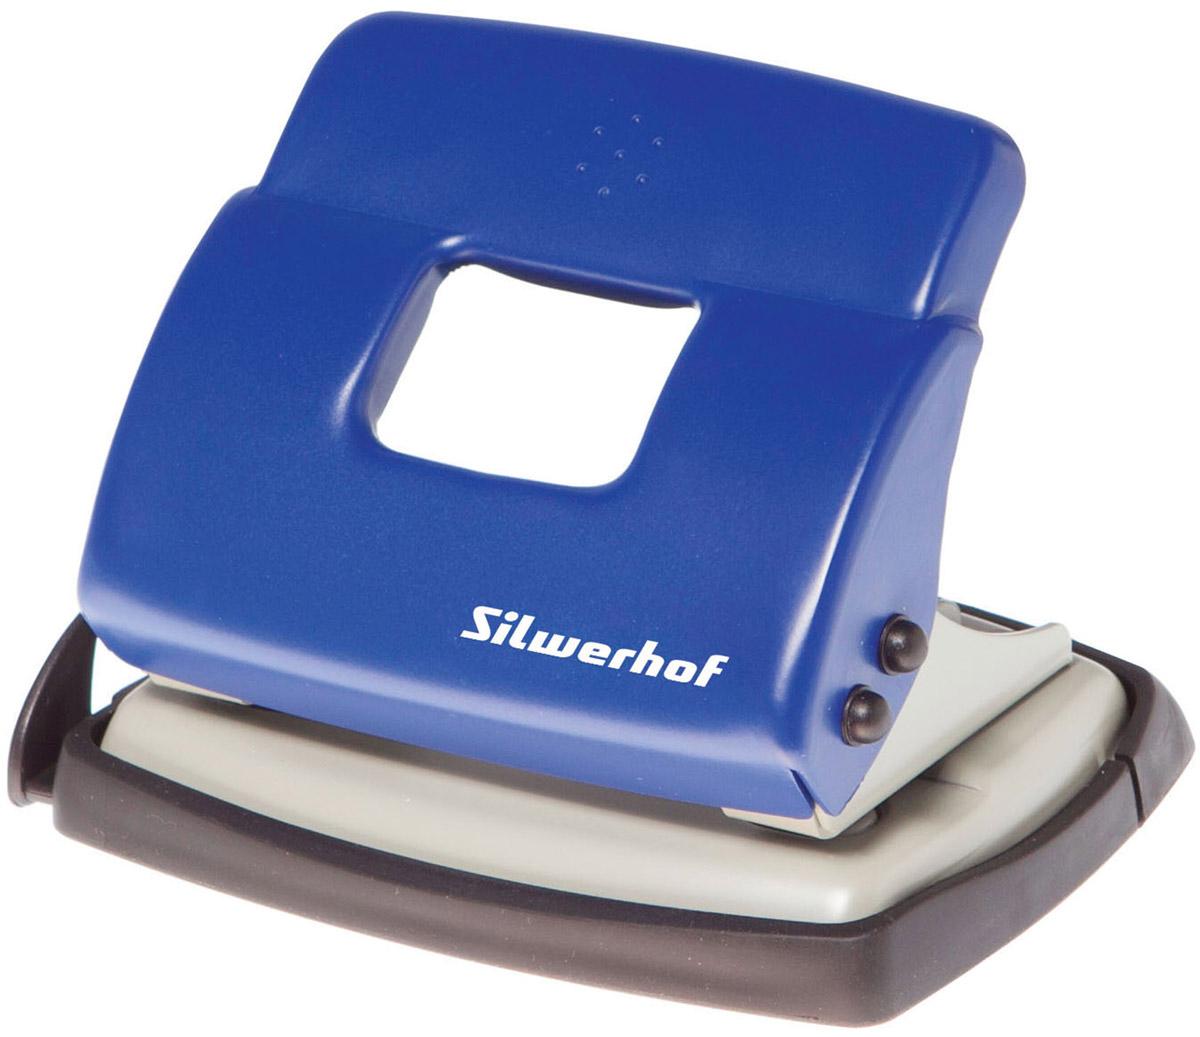 Silwerhof Дырокол Debut на 20 листов цвет синийCD-99M-066_салатовыйНадежный цельнометаллический дырокол Silwerhof Debut - это незаменимый офисный инструмент для перфорации бумаги и картона.Металлический дырокол с нескользящим основанием предназначен для одновременной перфорации до 20 листов бумаги 80г/м. Для удобства он оснащен выдвижной линейкой с разметкой для документов различных форматов, а также имеет съемный резервуар для обрезков бумаги, встроенный в основание.Также у данного атрибута присутствует окно для персонализации и пластиковый поддон для сбора конфетти с функцией частичного открывания.